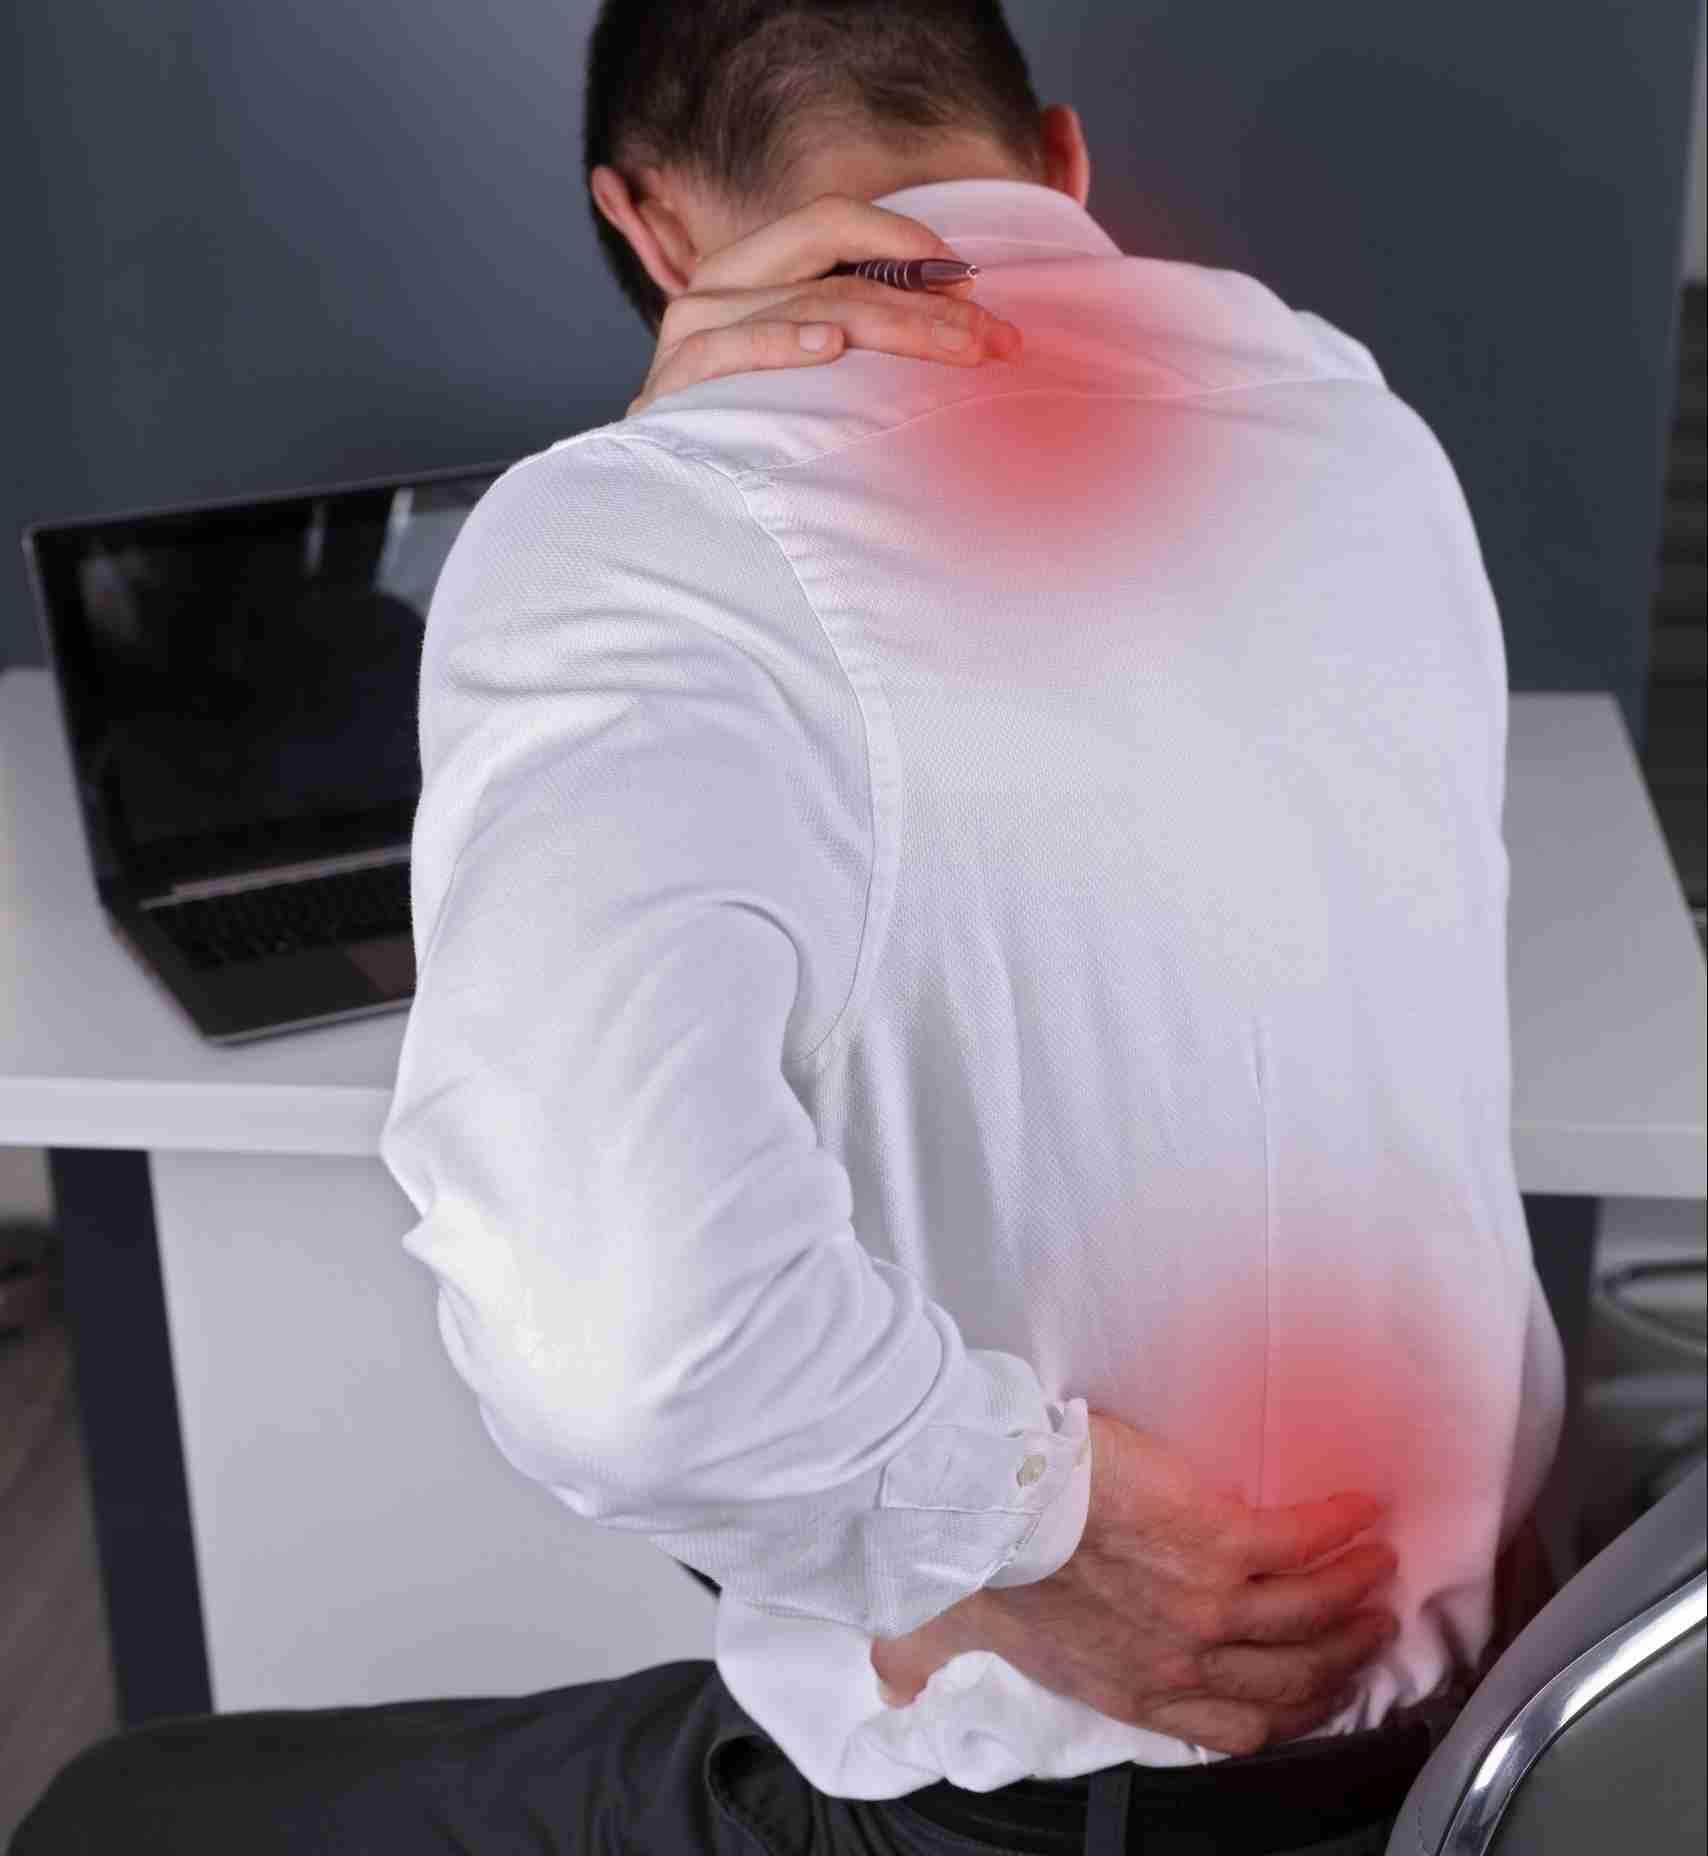 Uomo con dolore al collo e alla schiena causati da lavoro d'uffico - Foto per Testimonianze Video con Categoria Dolore Spalle, Bacino, Collo, Testa, Schiena